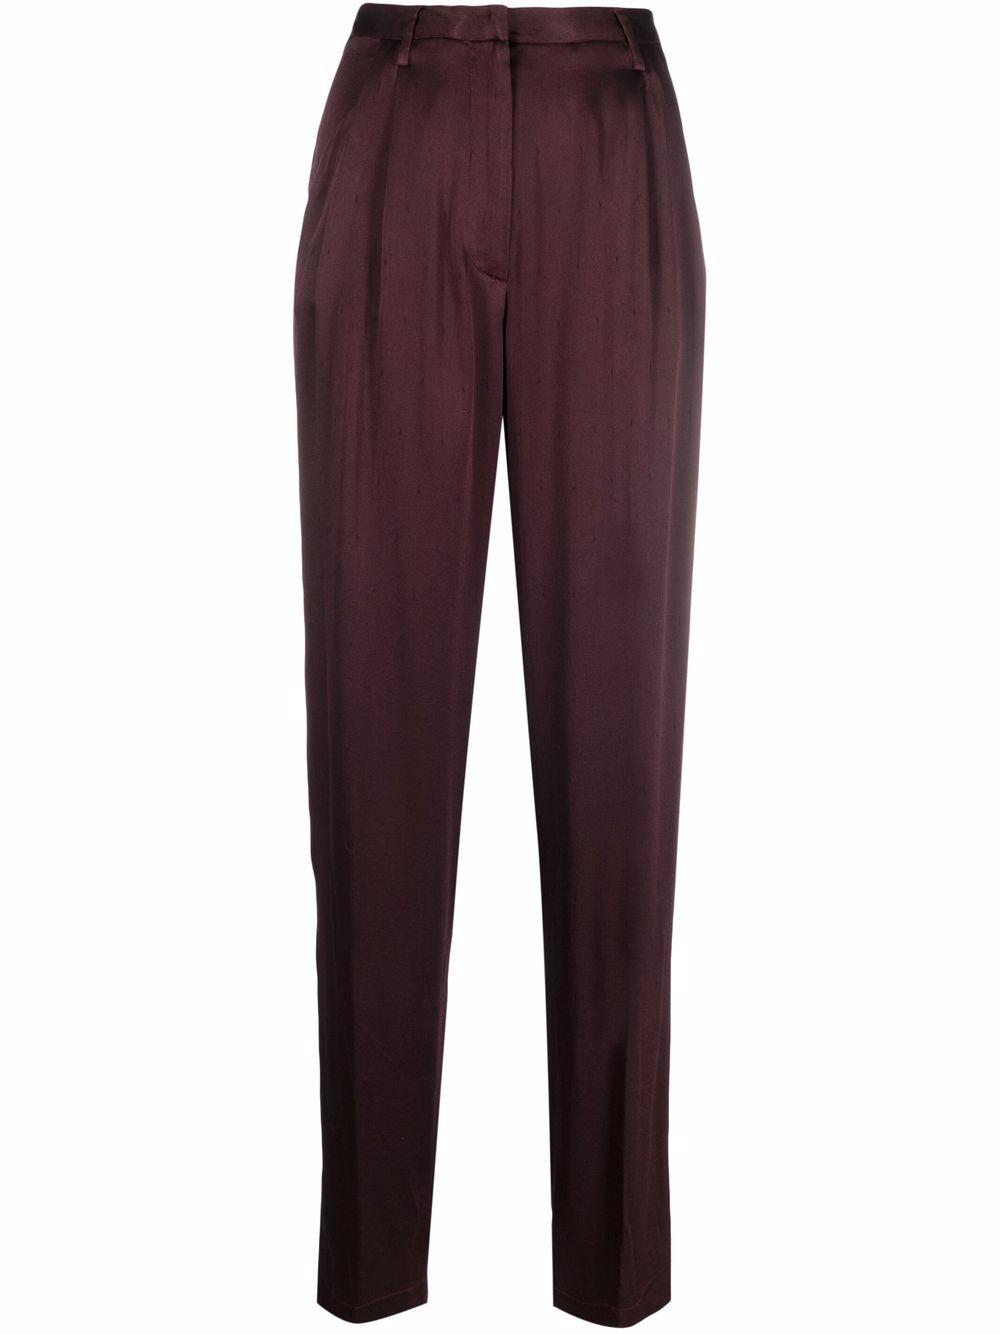 Pantalone pieghe raso seta diamantato